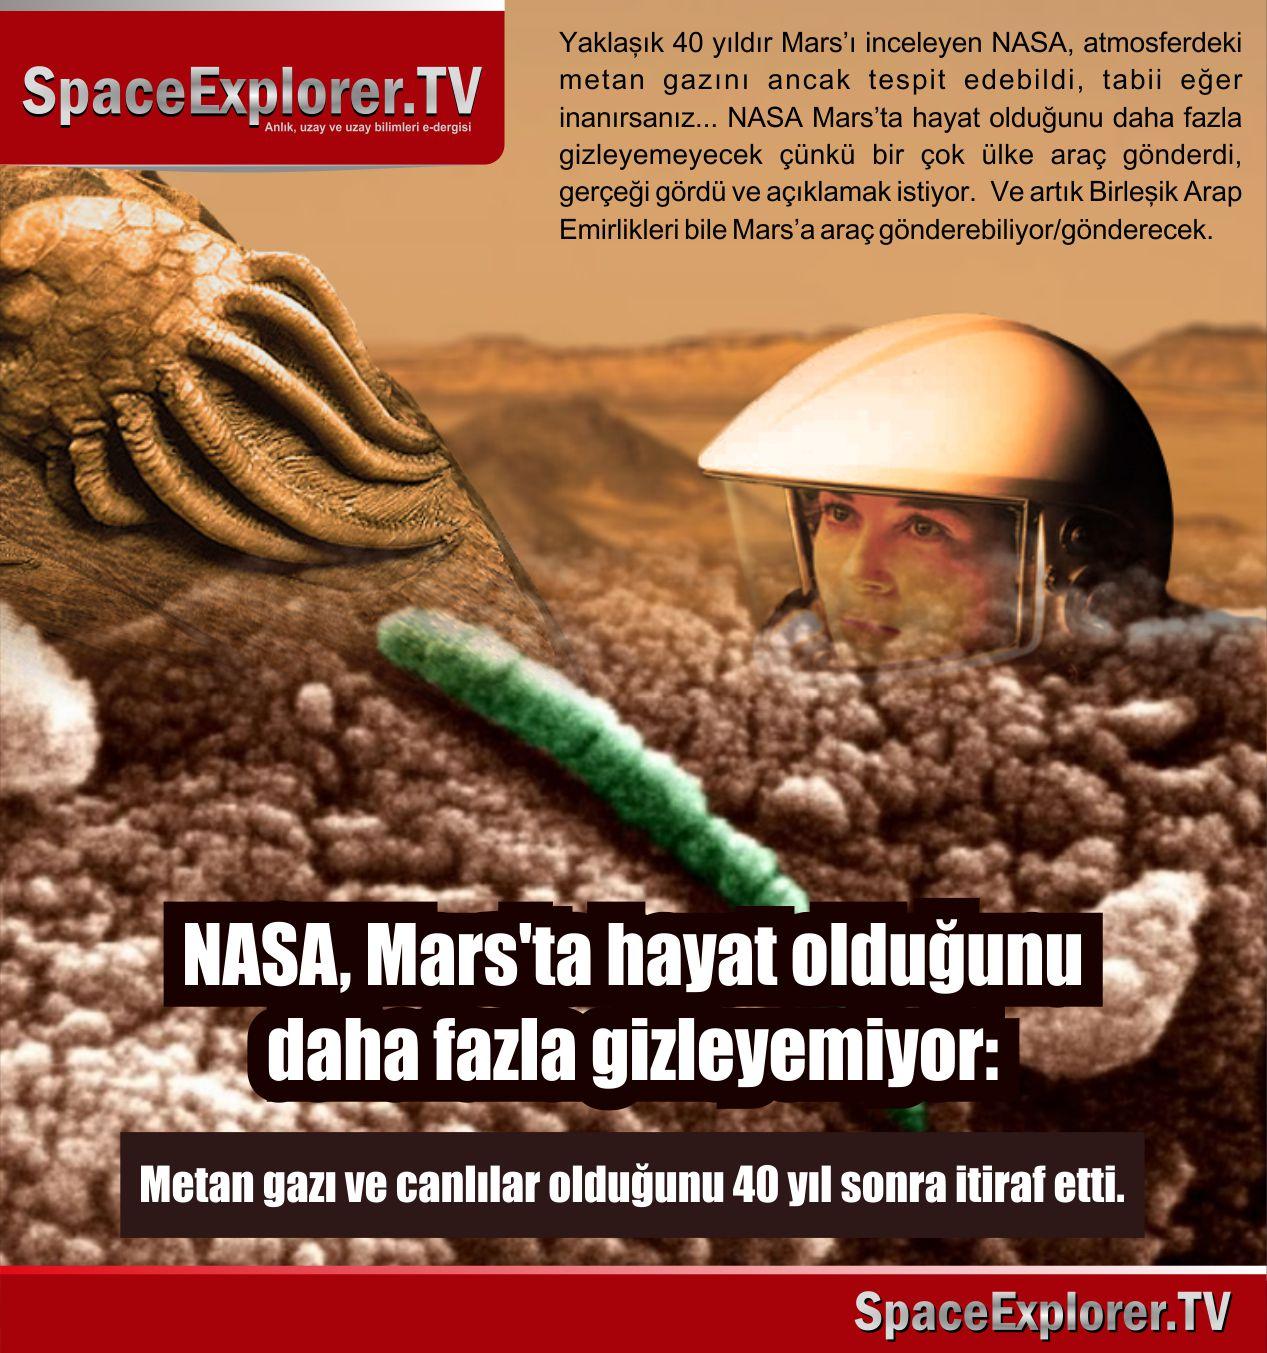 NASA, NASA neden gizliyor, Ay'a bir daha neden gitmediler, Uzayda hayat var mı?, Dünya dışı yaşam, Mars'ta yaşam var mı, Mars'lılar müslüman mı, Müslüman uzaylılar,